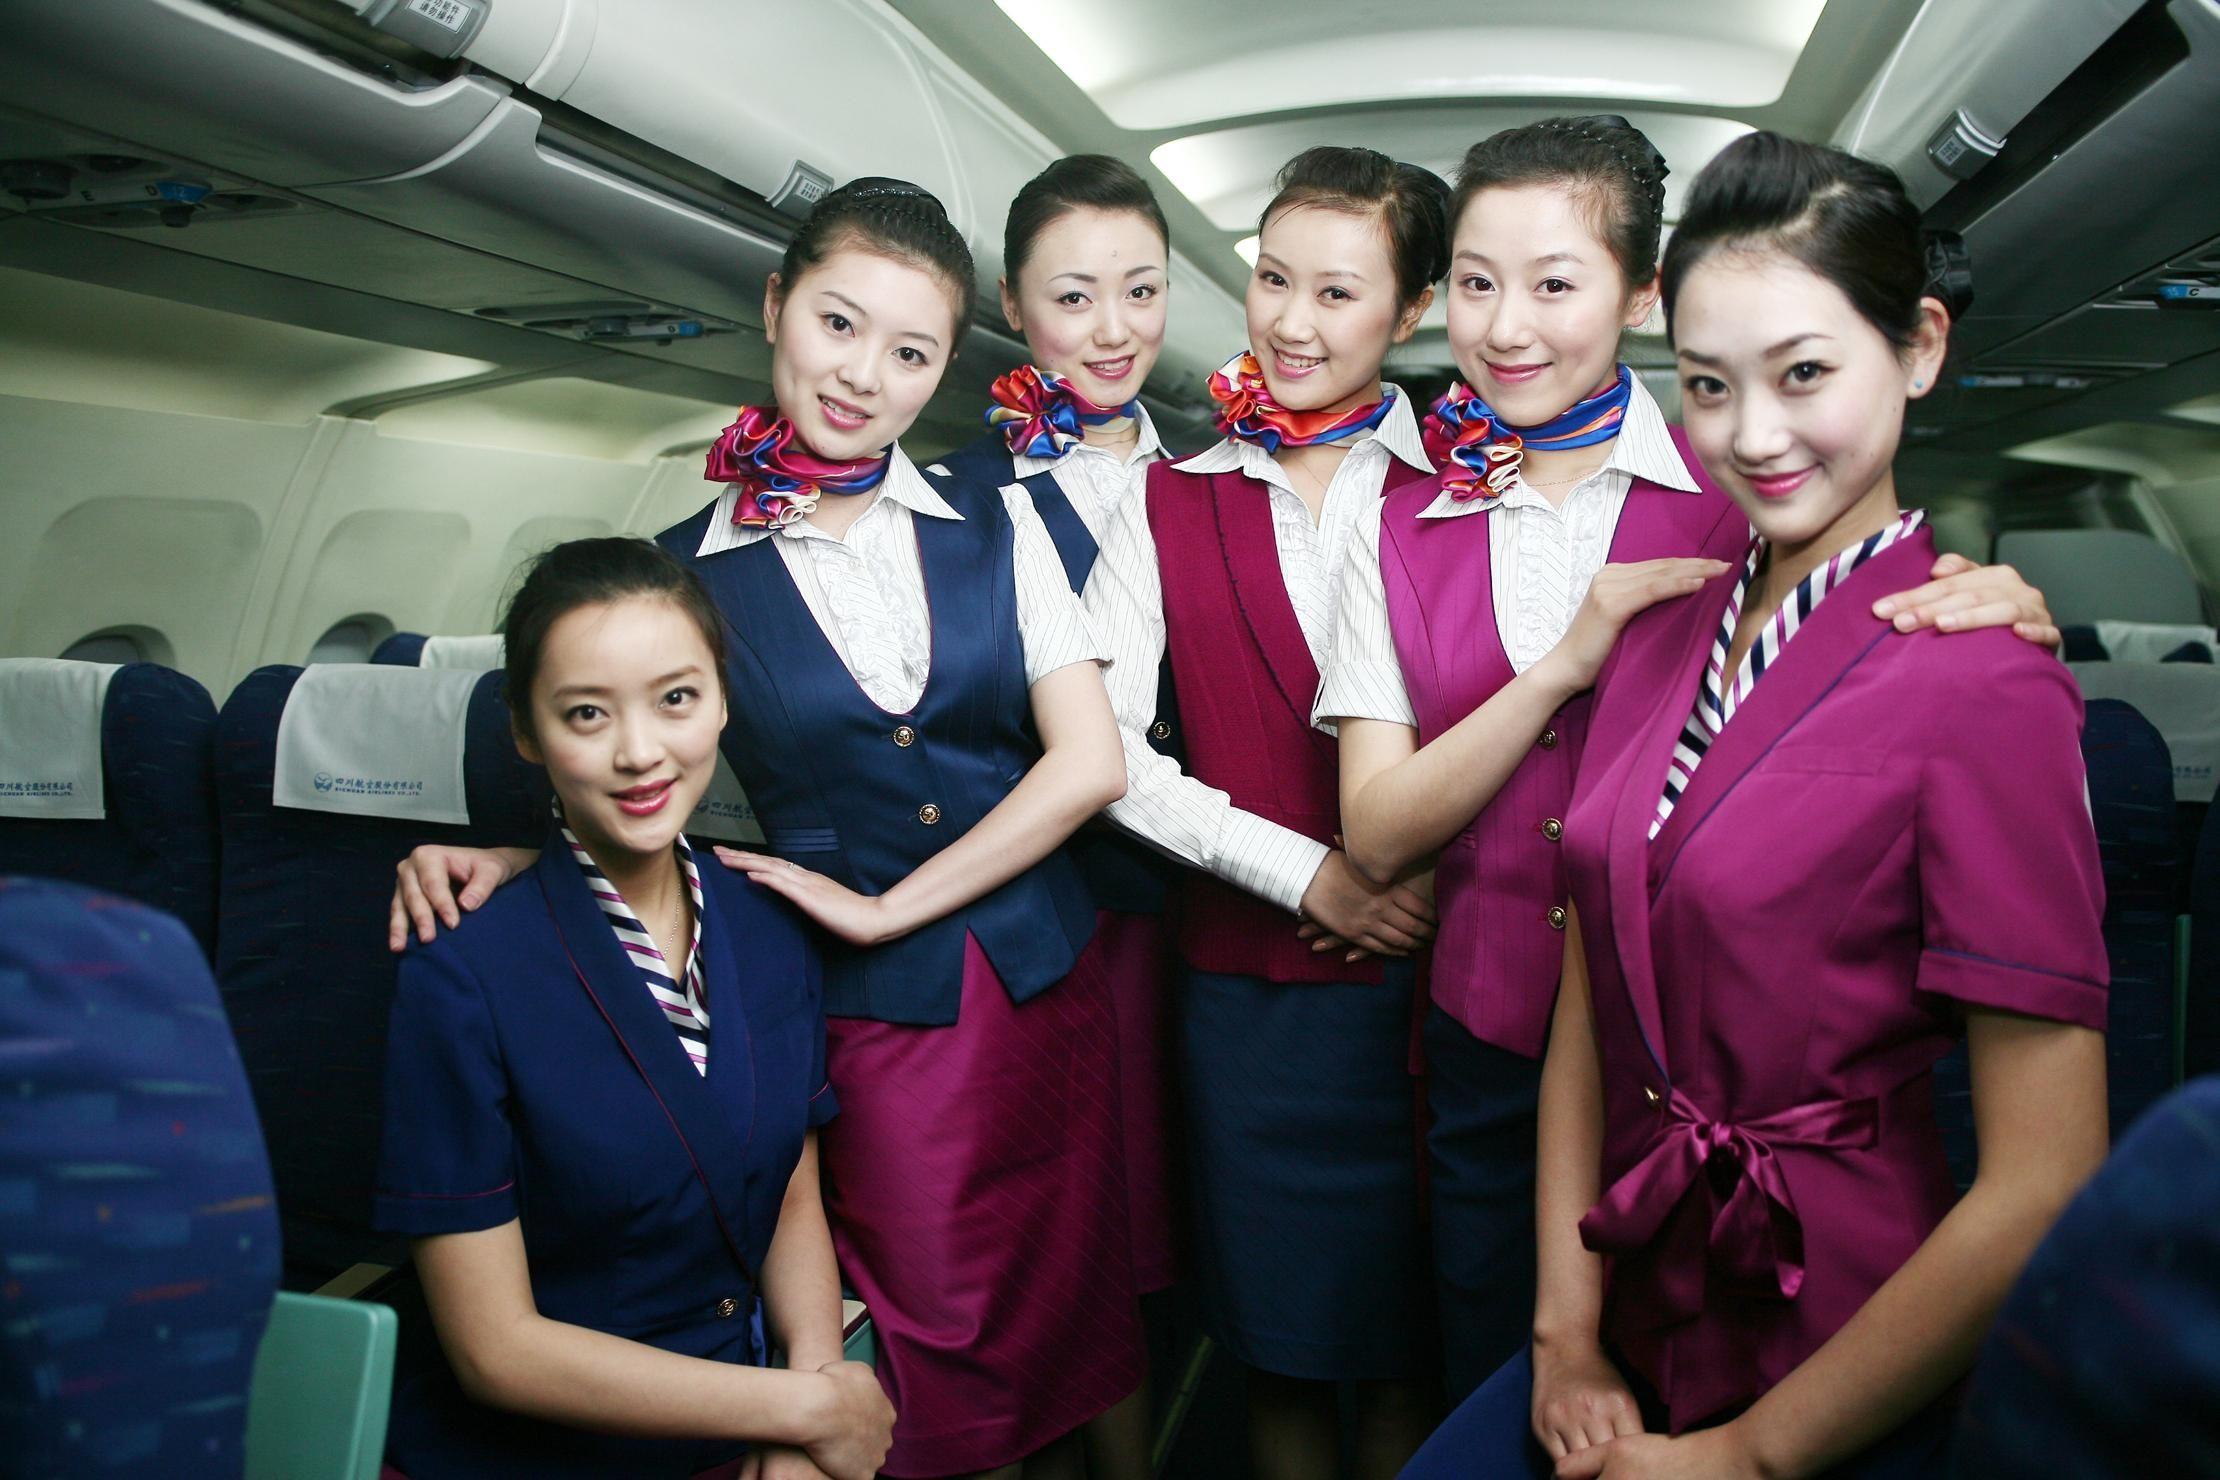 川航空姐图片